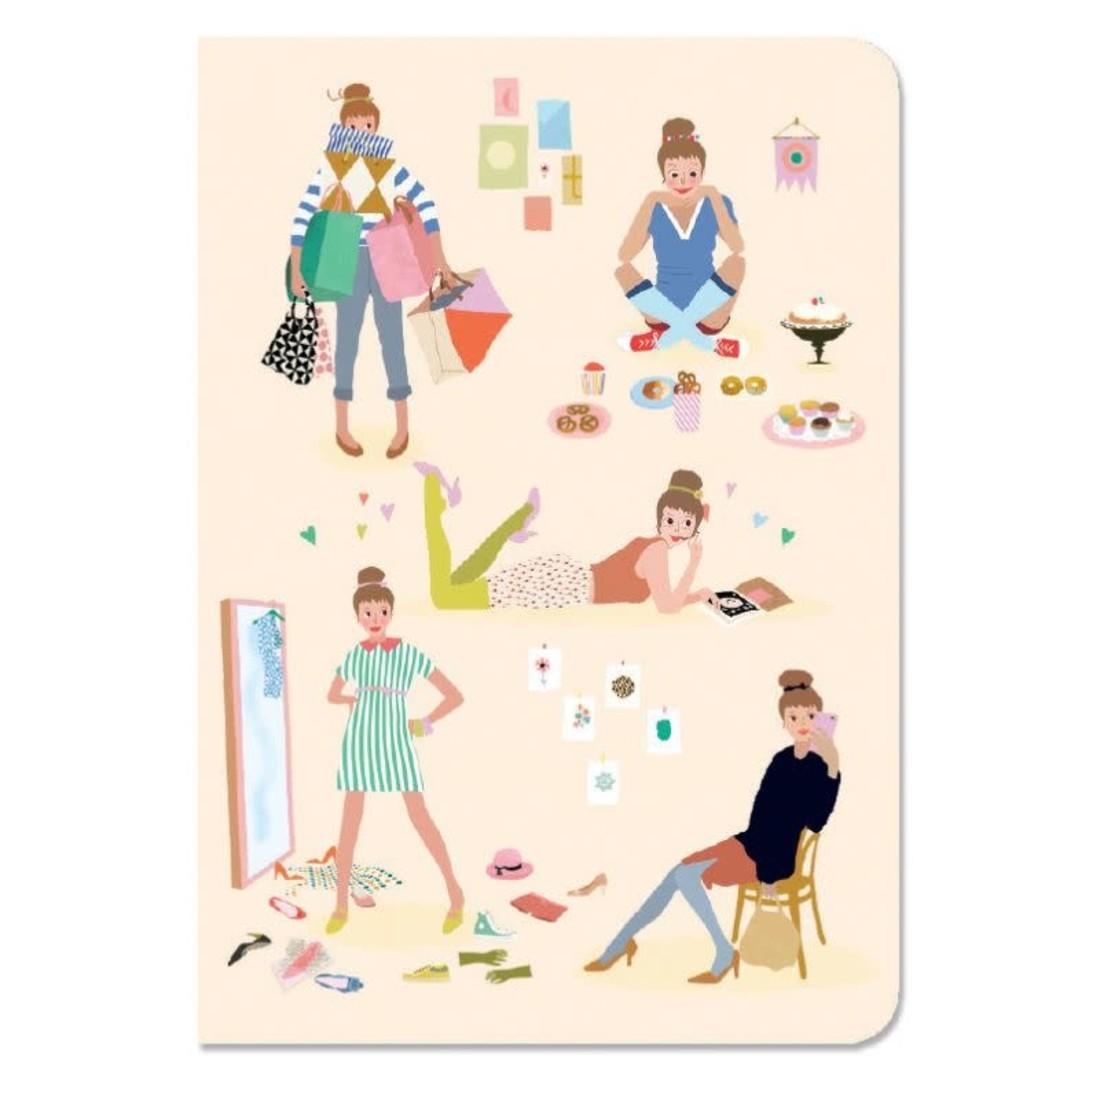 Djeco Notizbuch mit Stickers «Tinou»